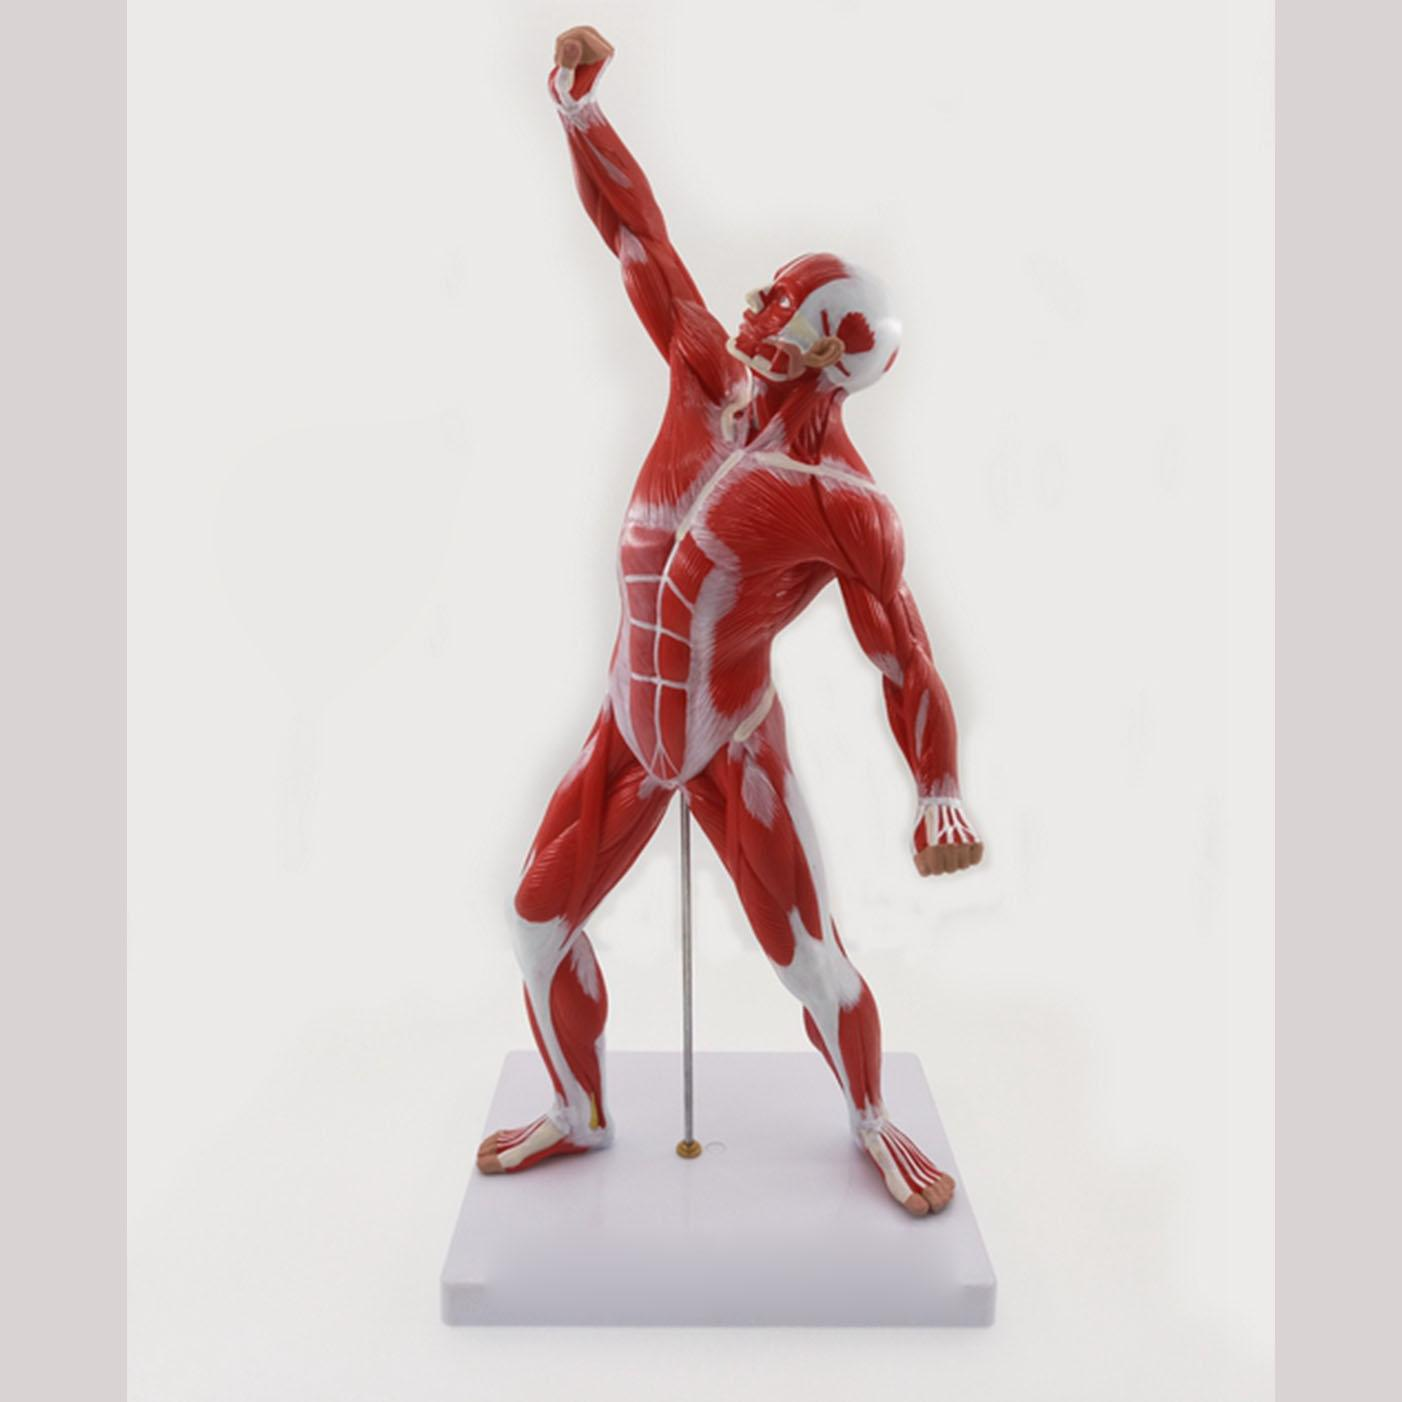 Squelette humain et système musculaire anatomie biologie enseignement modèle médical exercice masculin ressources pédagogiques musculaires